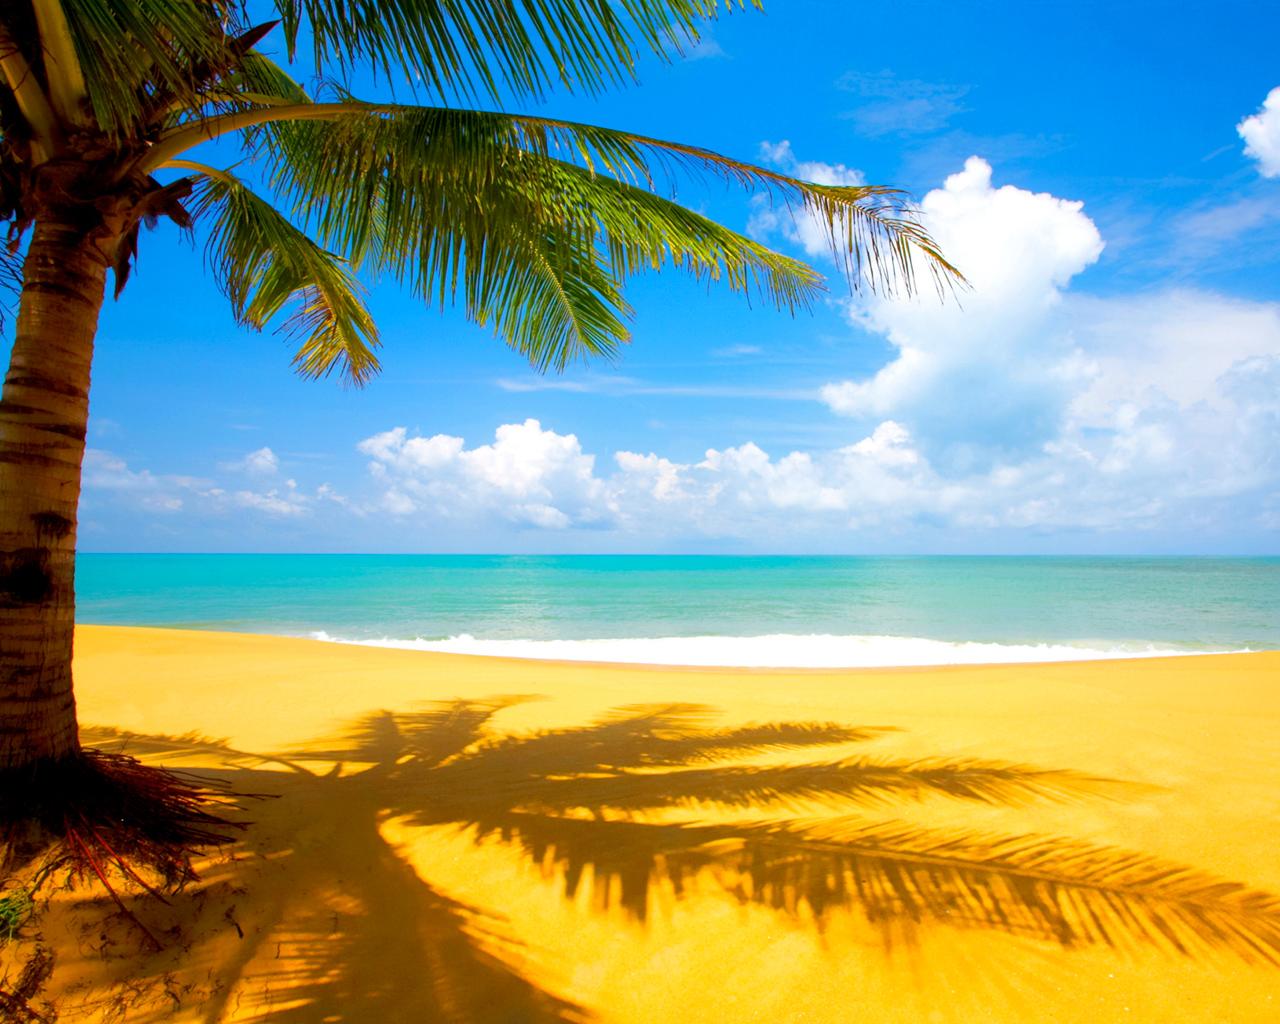 песок, пляж, море, пальма, скачать фото, обои для рабочего стола